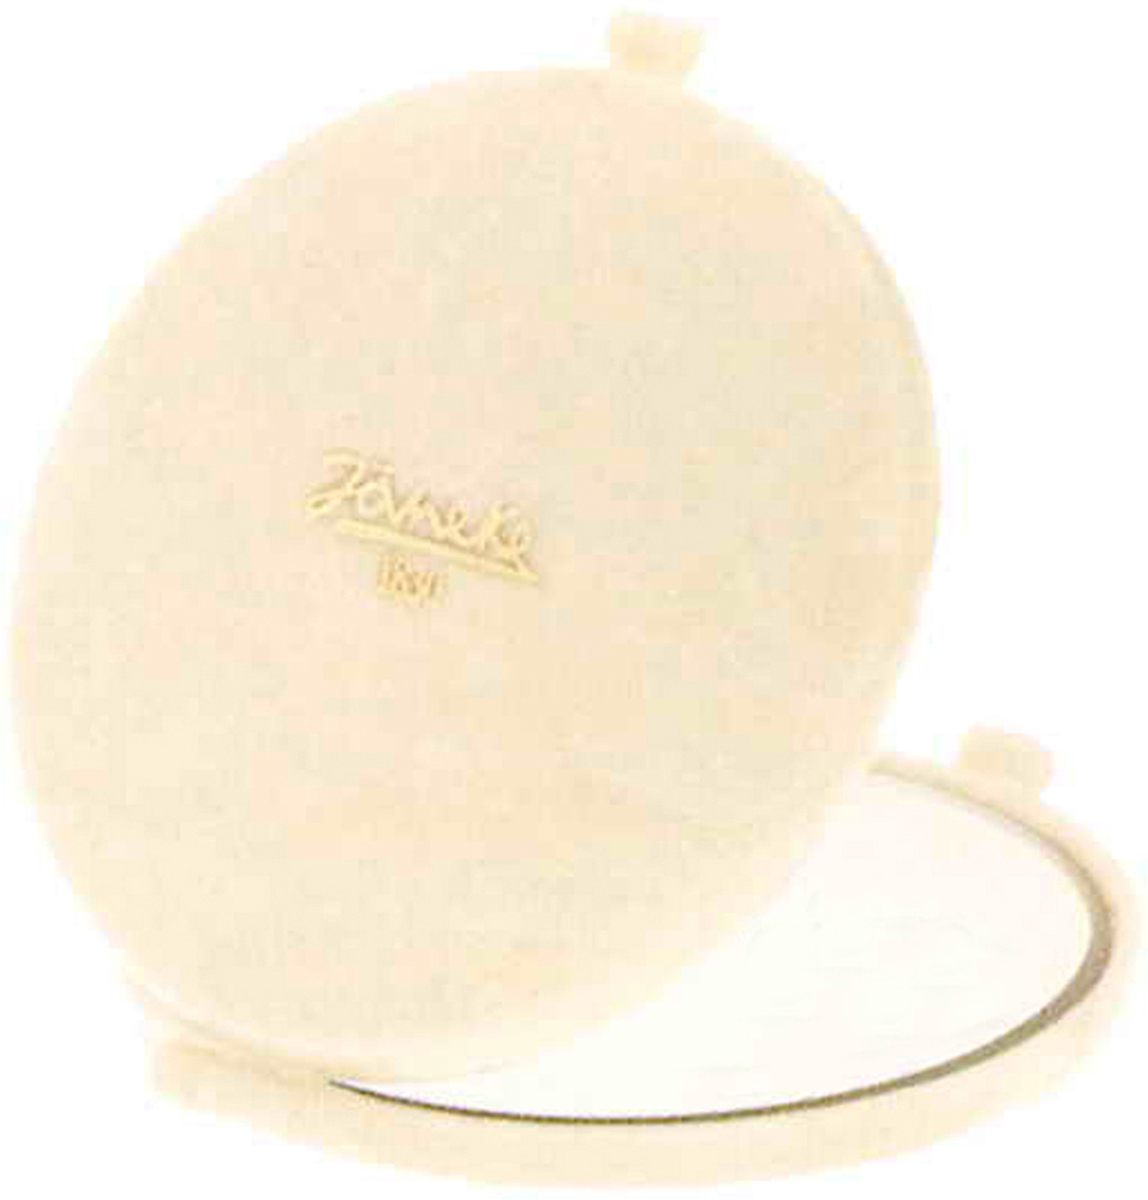 Janeke Зеркало для сумки D73, 74448573244Марка Janeke – мировой лидер по производству расчесок, щеток, маникюрных принадлежностей, зеркал и косметичек. Марка Janeke, основанная в 1830 году, вот уже почти 180 лет поддерживает непревзойденное качество своей продукции, сочетая новейшие технологии с традициями ста- рых миланских мастеров. Все изделия на 80% производятся вручную, а инновационные технологии и современные материалы делают продукцию марки поистине уникальной. Стильный и эргономичный дизайн, яркие цветовые решения – все это приносит истин- ное удовольствие от использования аксессуаров Janeke. Компактные зеркала Janeke имеют линзы с обычным и трехкратным увеличением, которые позволяют быстро и легко поправить макияж в дороге. А благодаря стильному дизайну и миниатюрному размеру компактное зеркало Janeke станет любимым аксессуаром любой женщины.